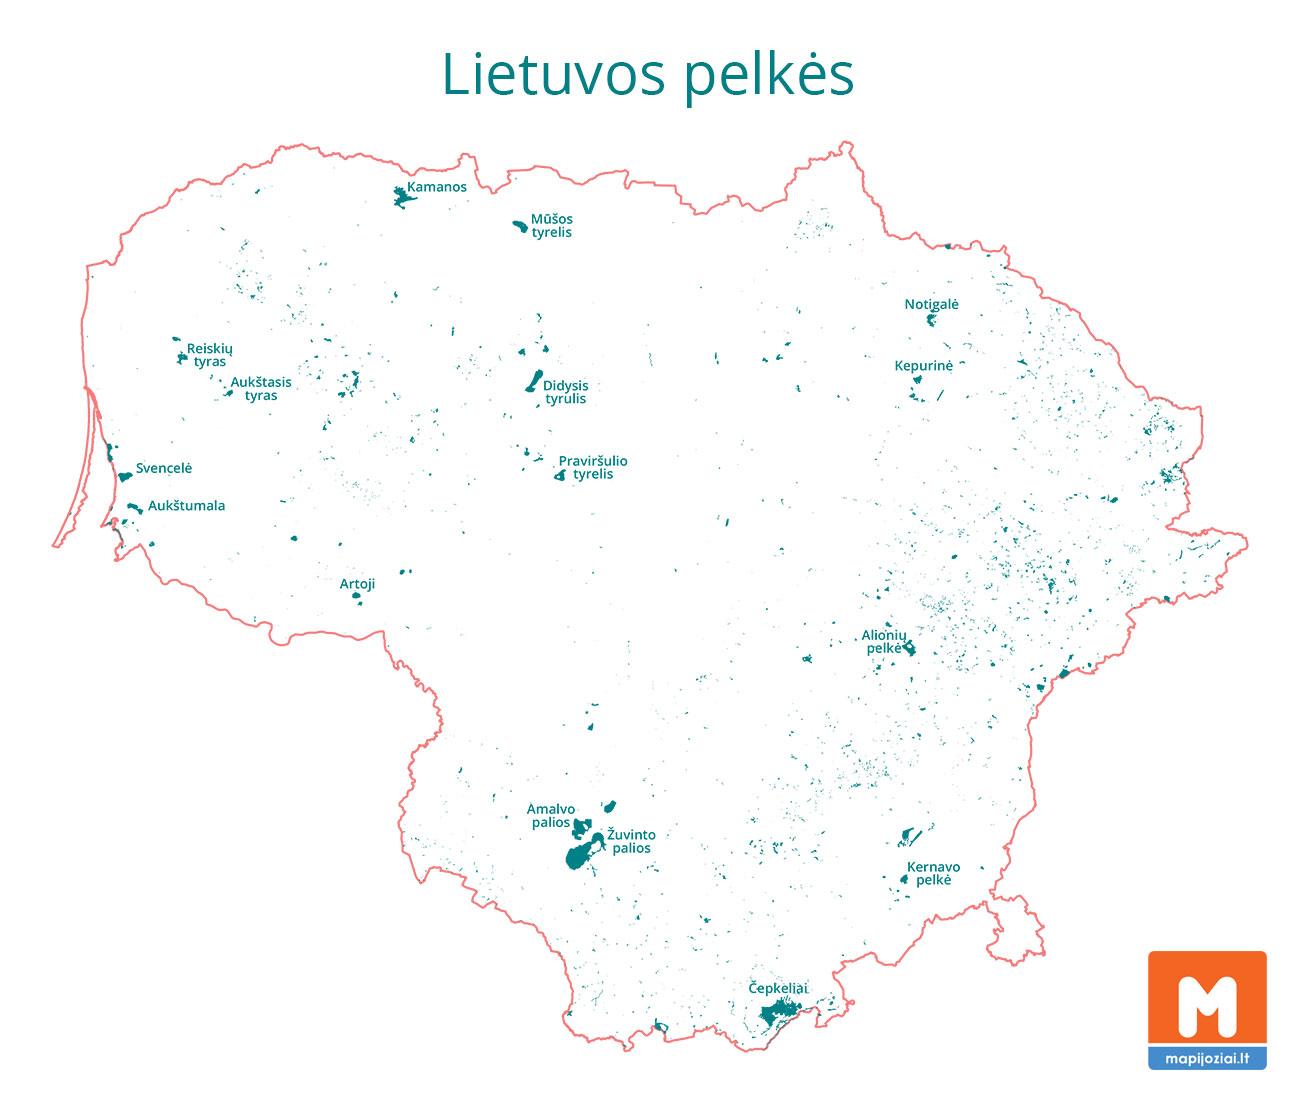 Lietuvos pelkės (žemėlapis) su didžiausių ir vertingiausių pelkių pavadinimais